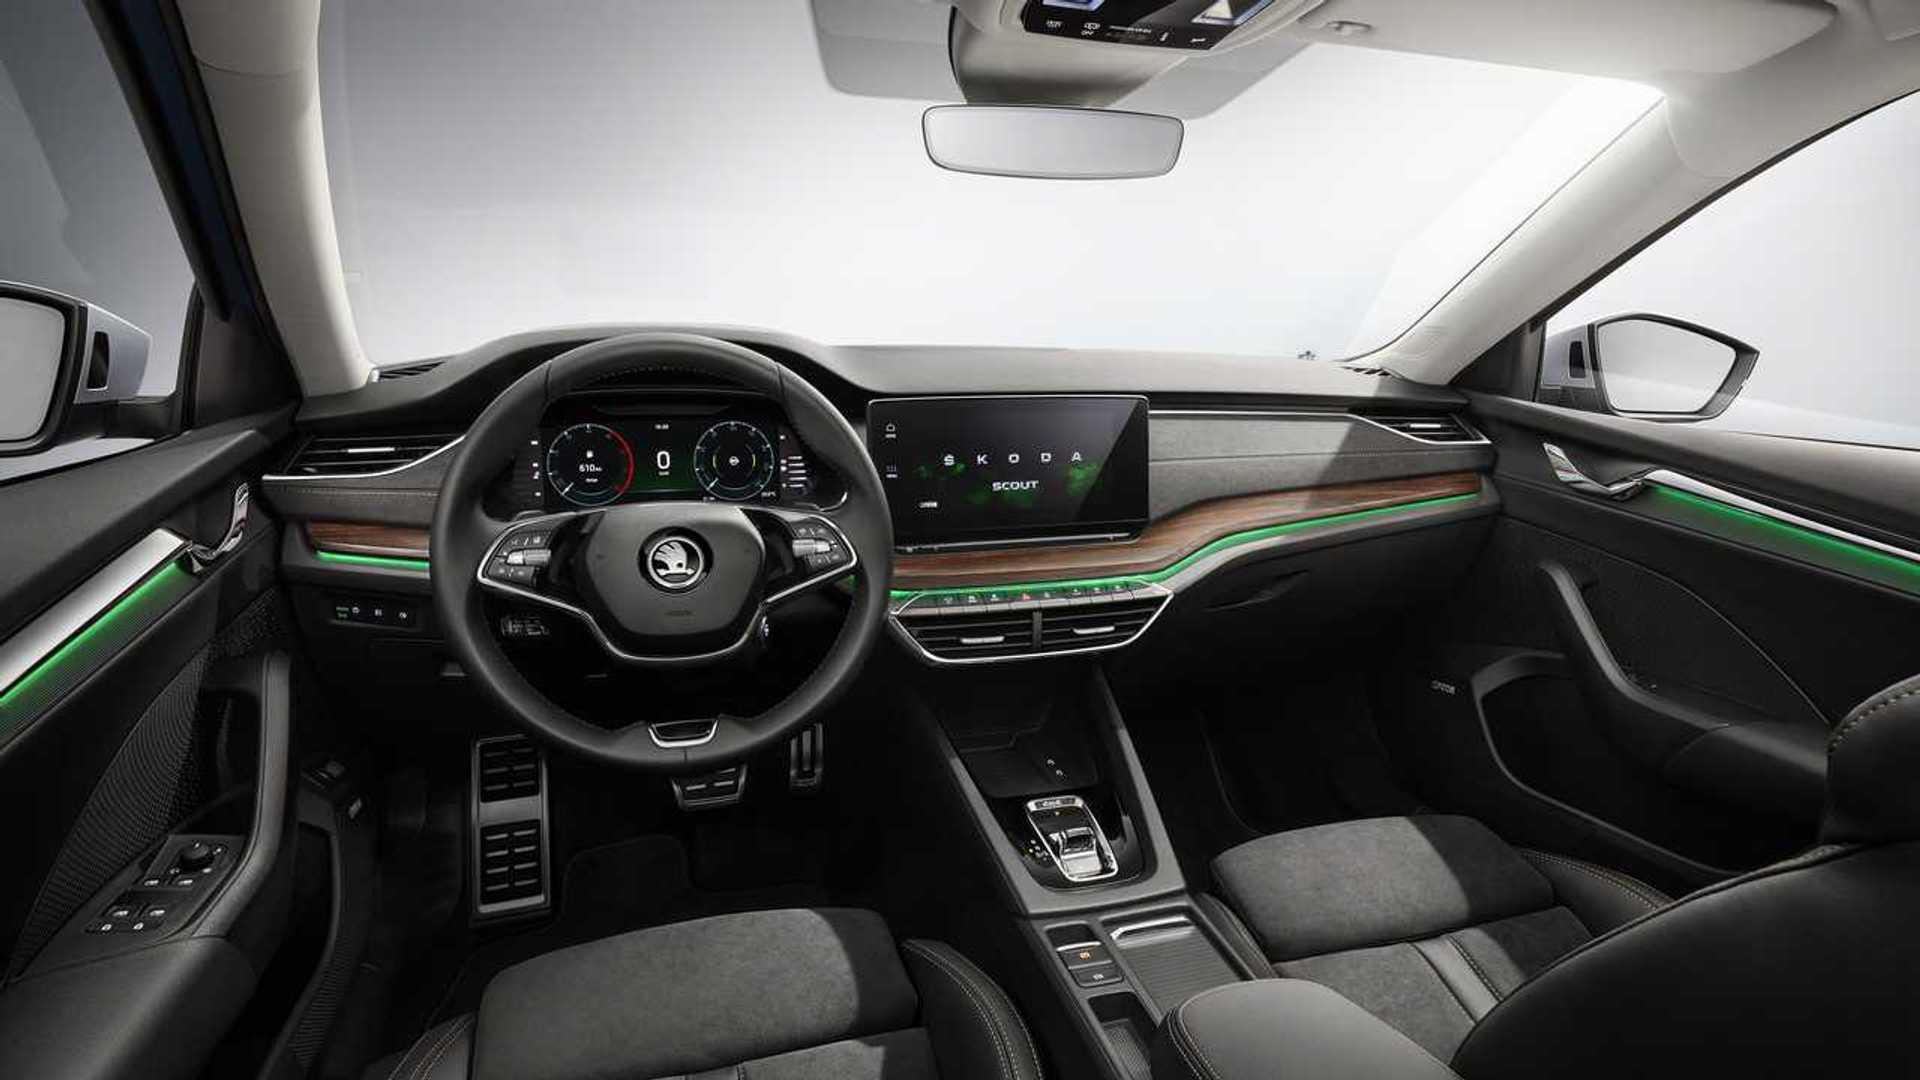 Skoda презентовала внедорожник нового поколения Octavia Combi Scout: фотографии и характеристики модели